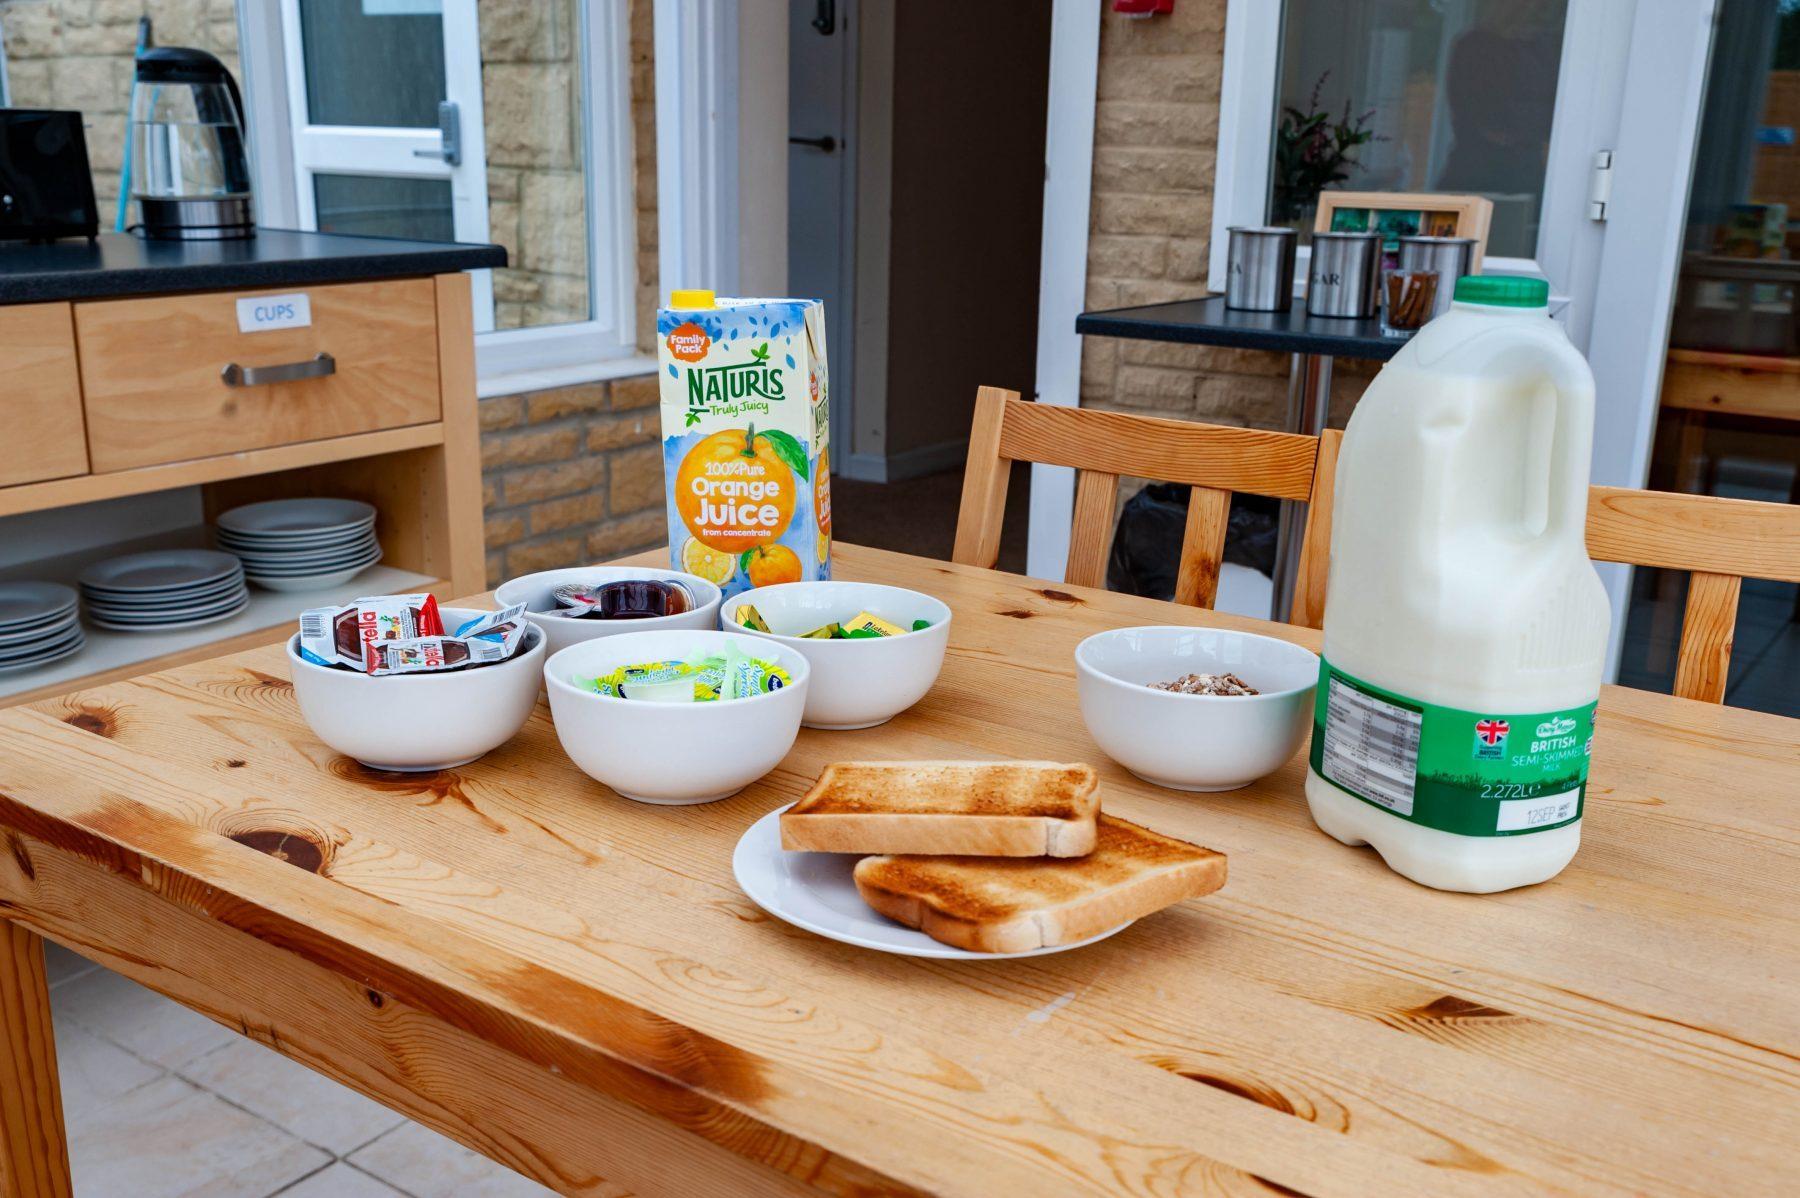 Self service breakfast